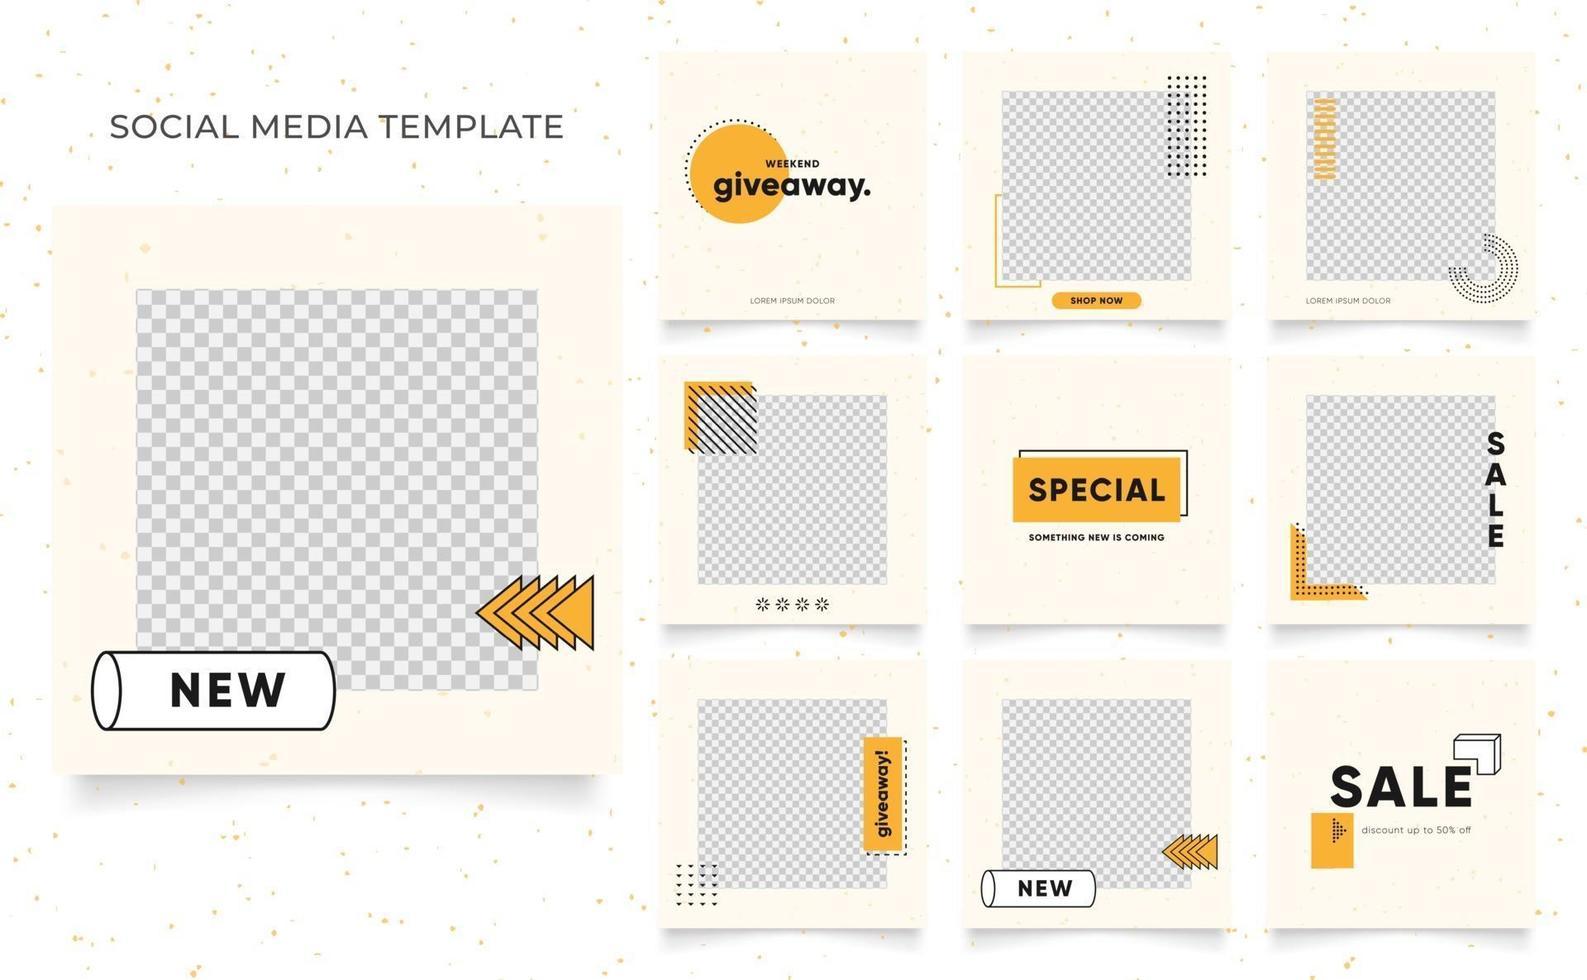 Social Media Vorlage Banner Blog Mode Verkauf Förderung. voll editierbares quadratisches Pfostenrahmen-Puzzle-Bio-Verkaufsplakat. frischer gelber Elementformvektorhintergrund vektor